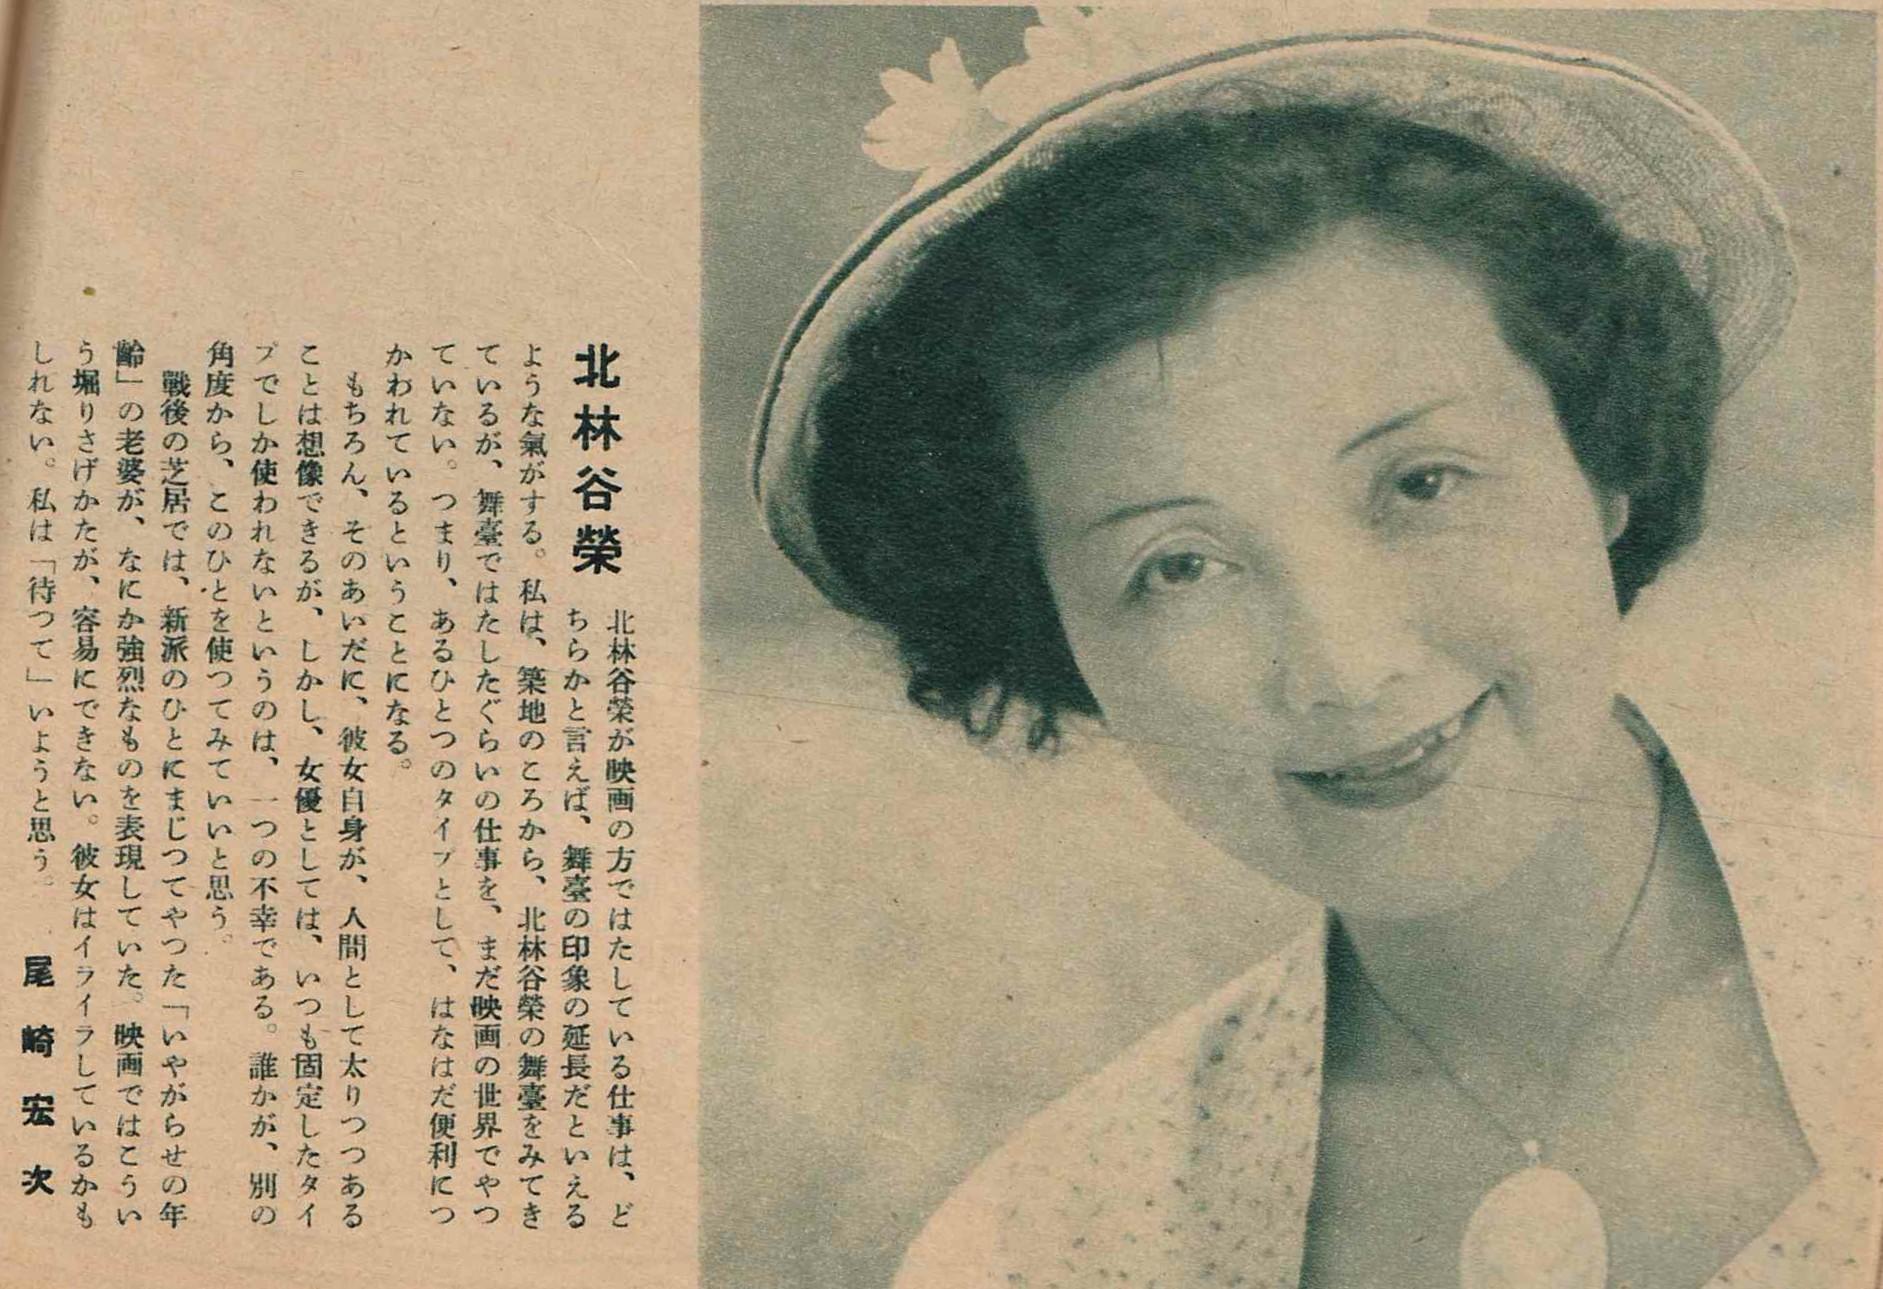 北林谷栄さんの顔画像